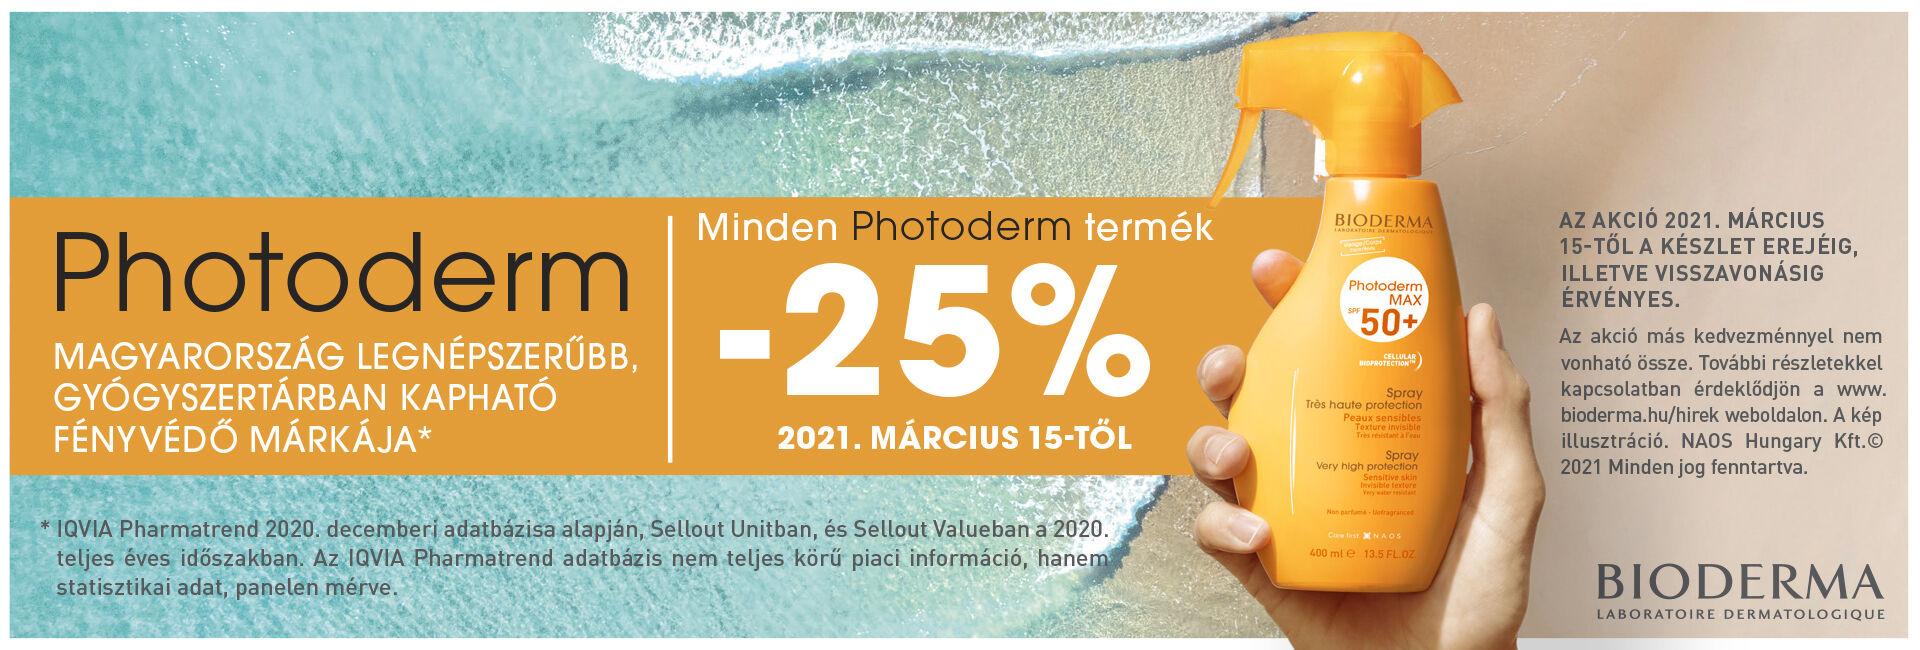 Bioderma Photoderm fényvédőkre 25-30% kedvezményt adunk!